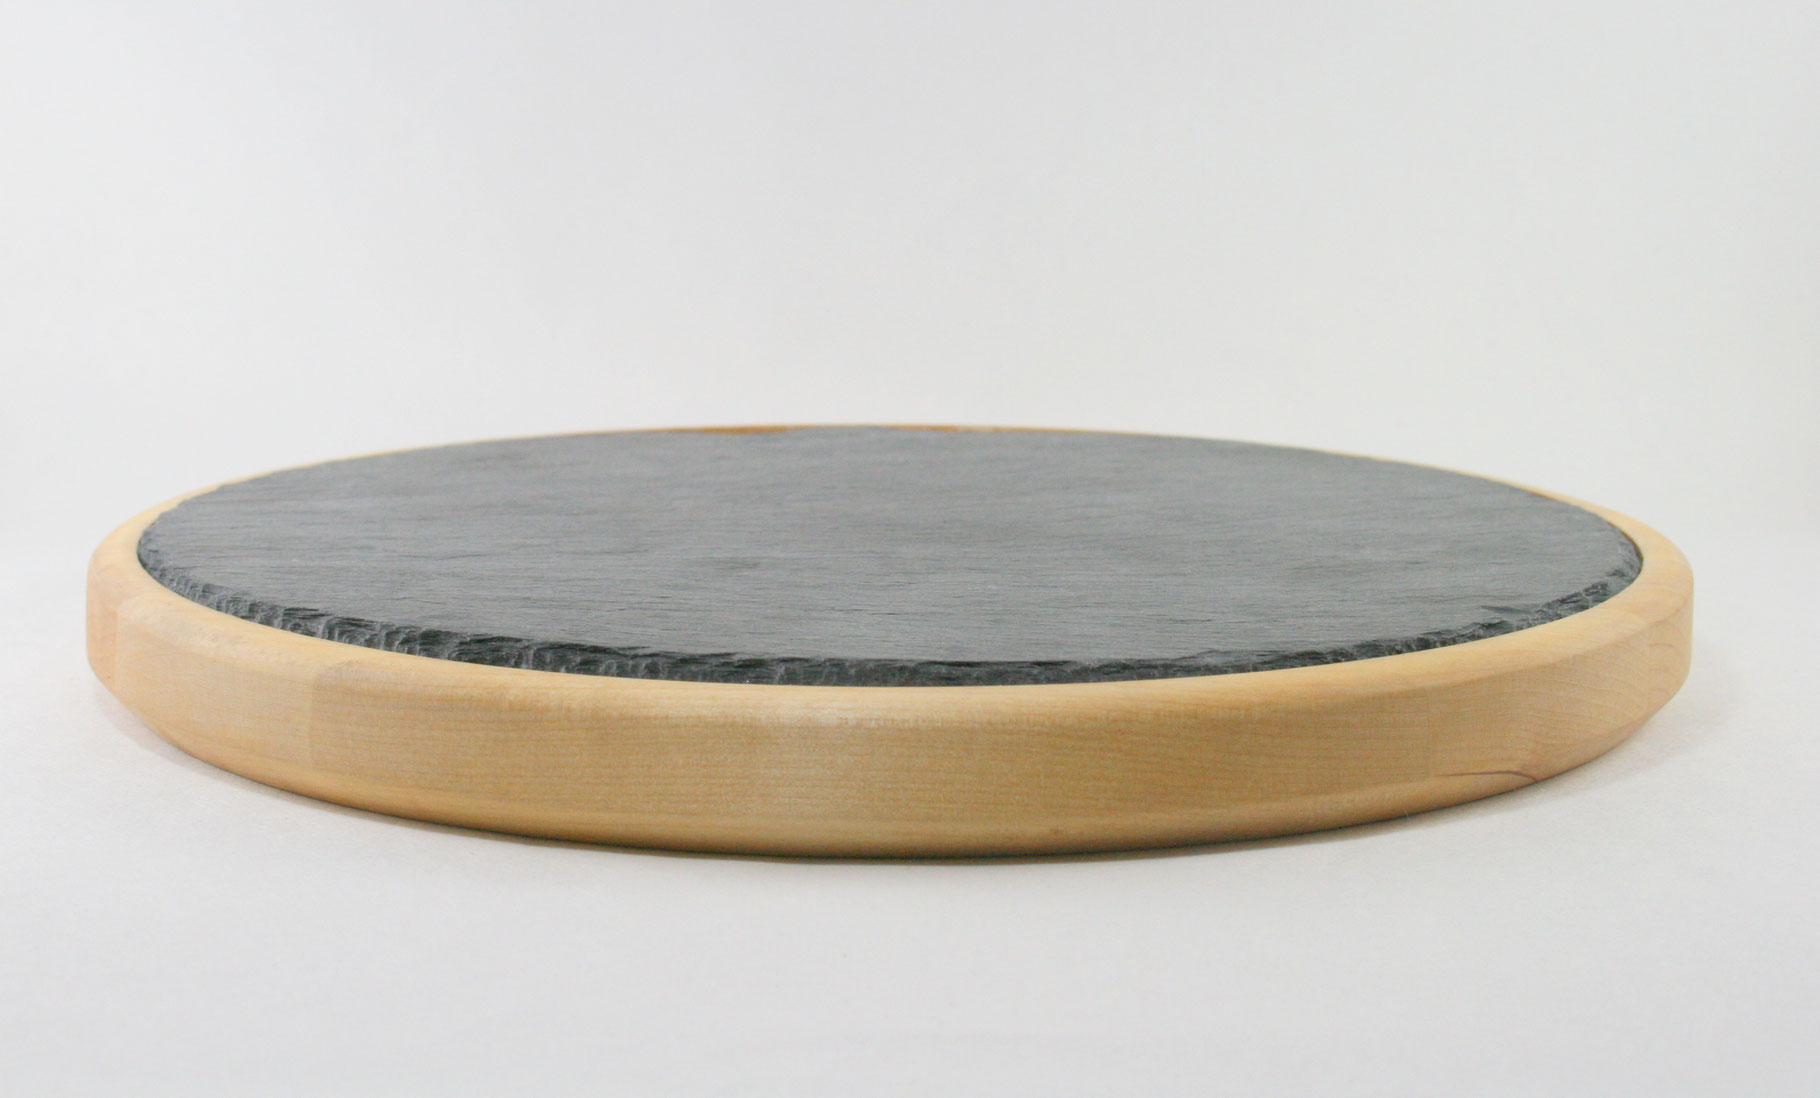 Tisch & Küche - woodpeckers